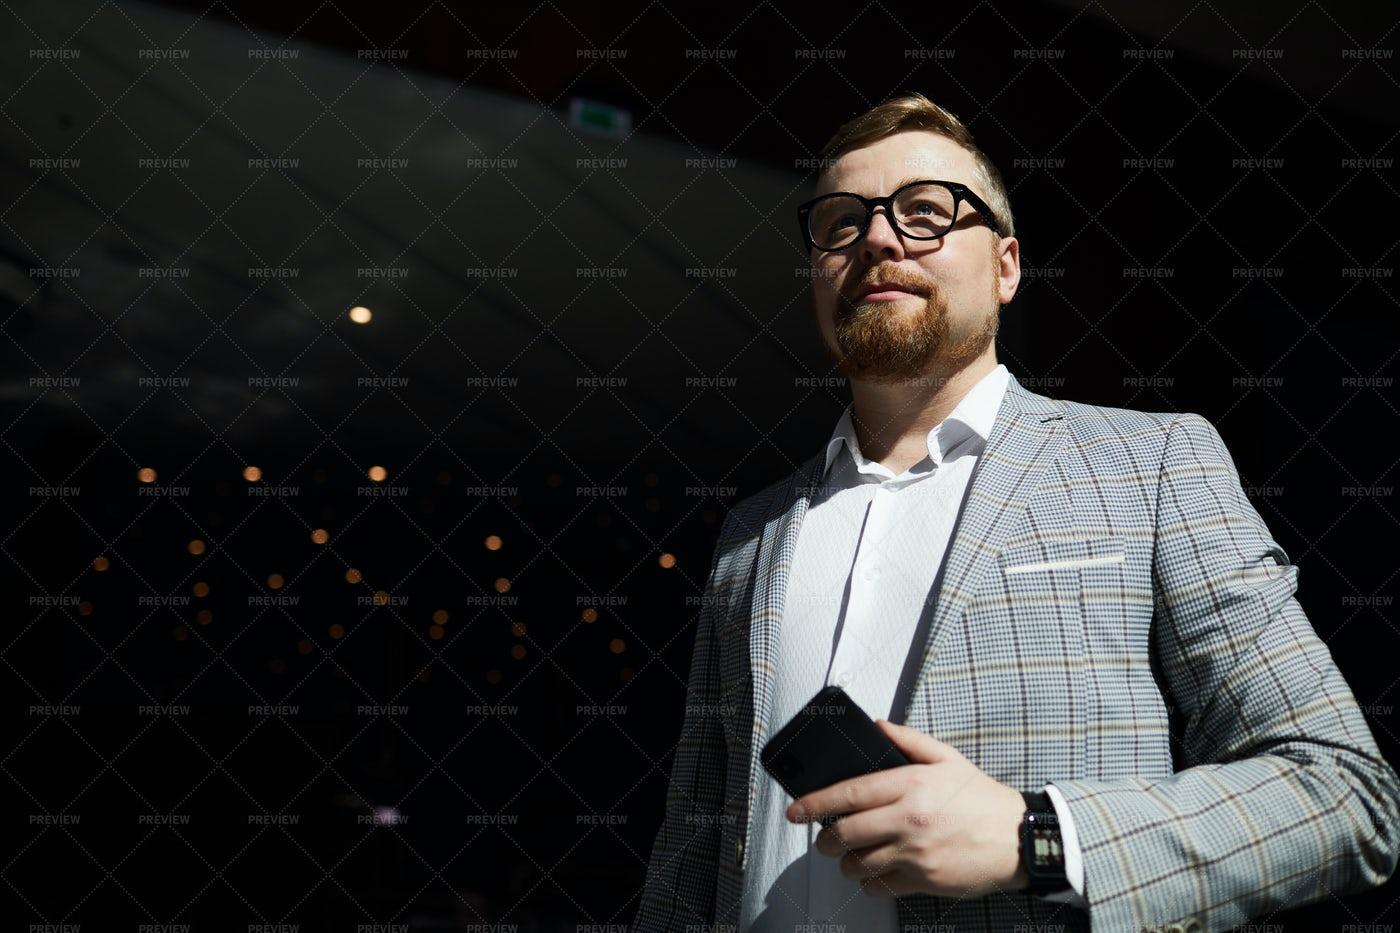 Serious Man Waiting For Business: Stock Photos